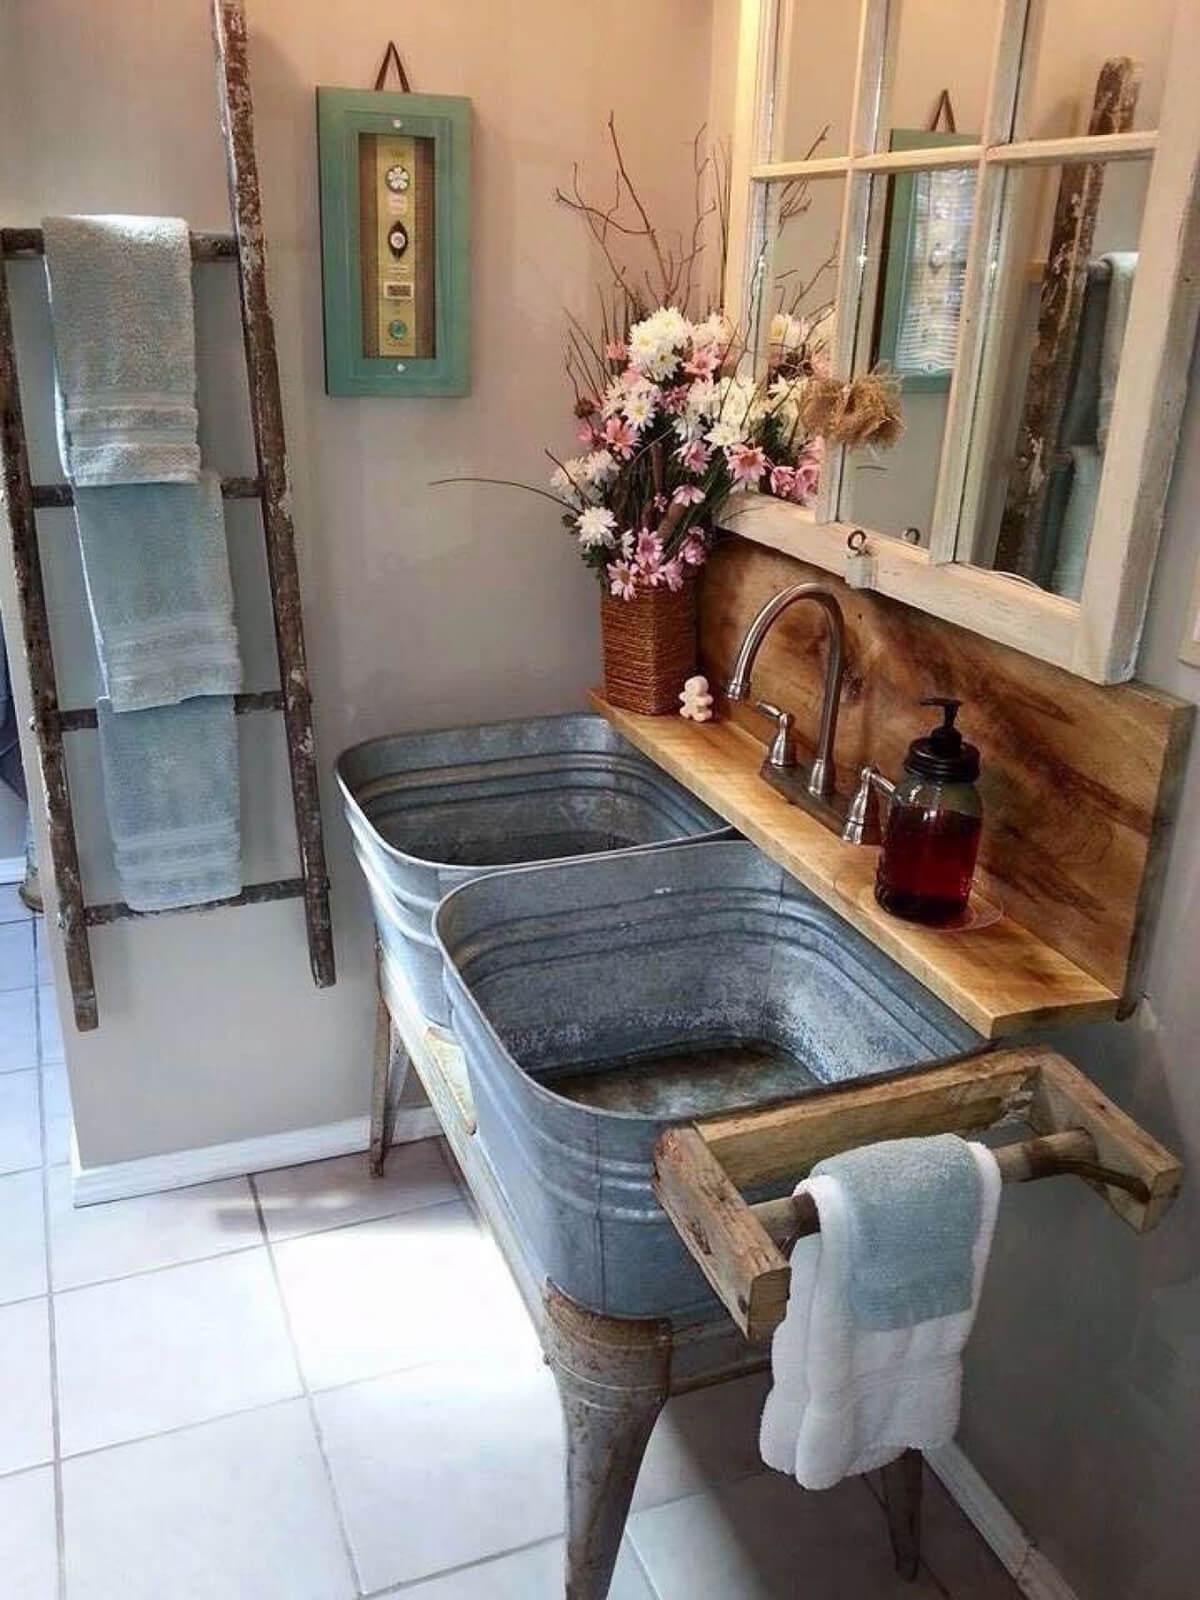 Galvanized Tubs Turned Bathroom Sinks